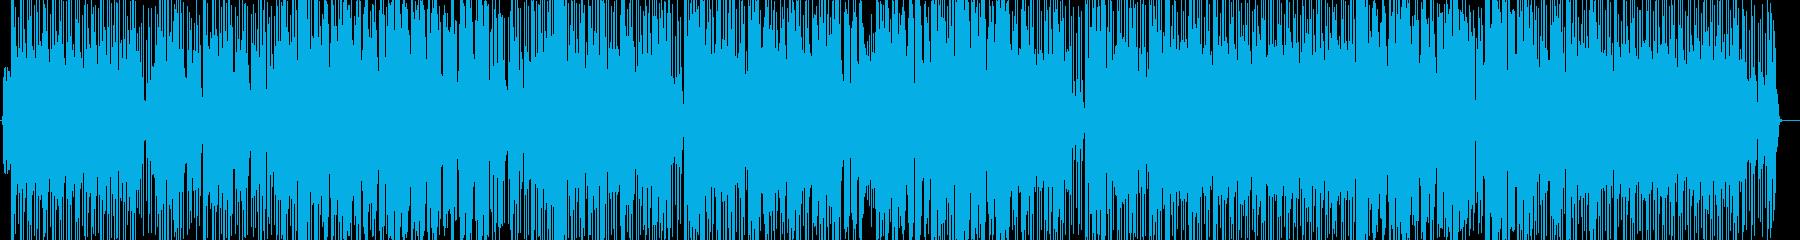 90年代の渋谷のレコード屋POPSの再生済みの波形